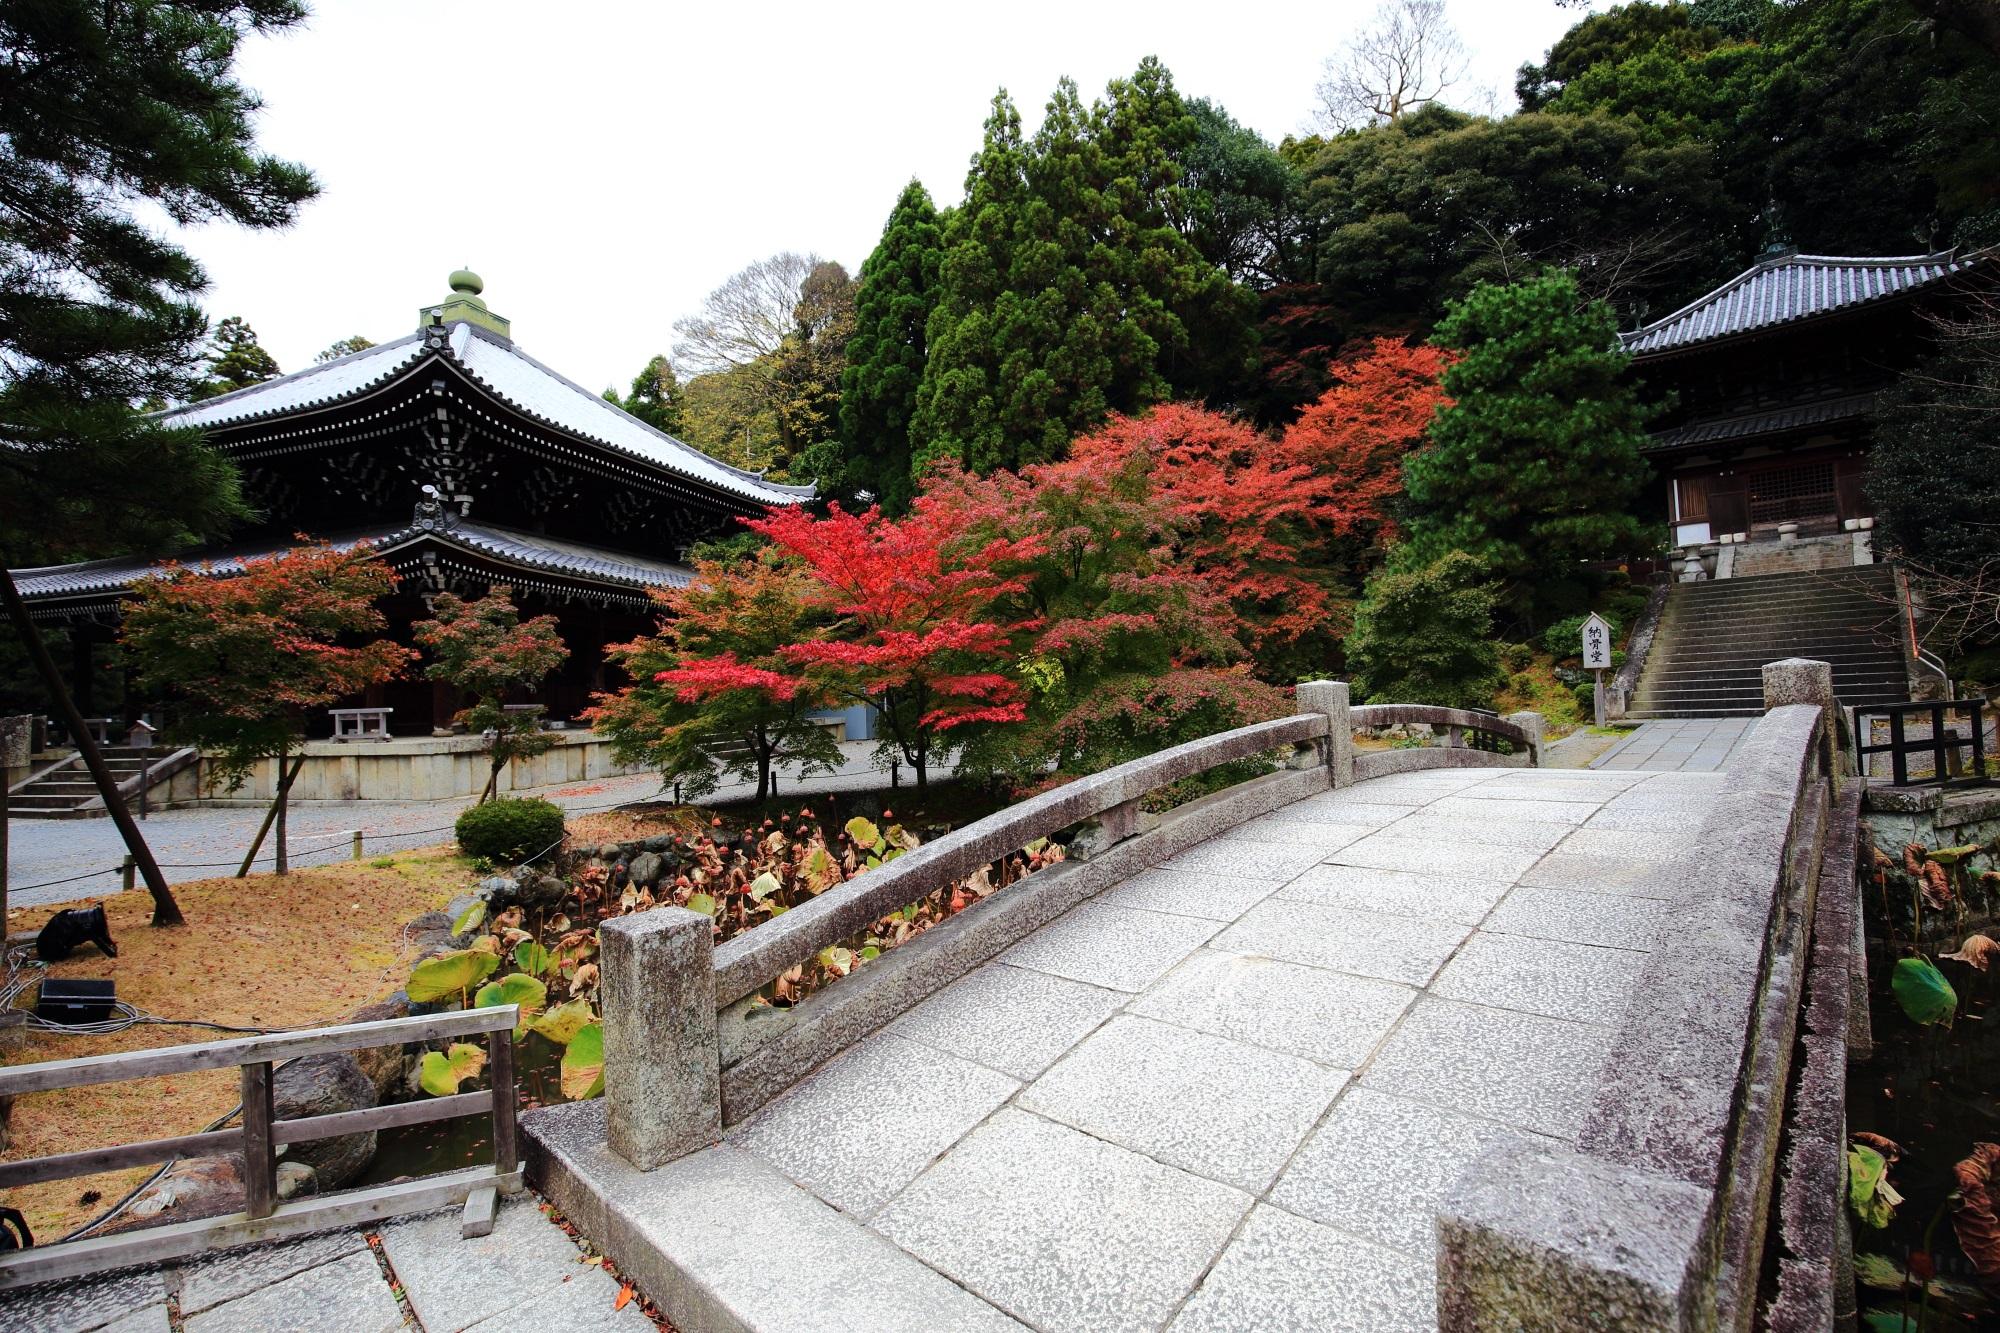 知恩院の納骨堂前の深い緑に映える紅葉